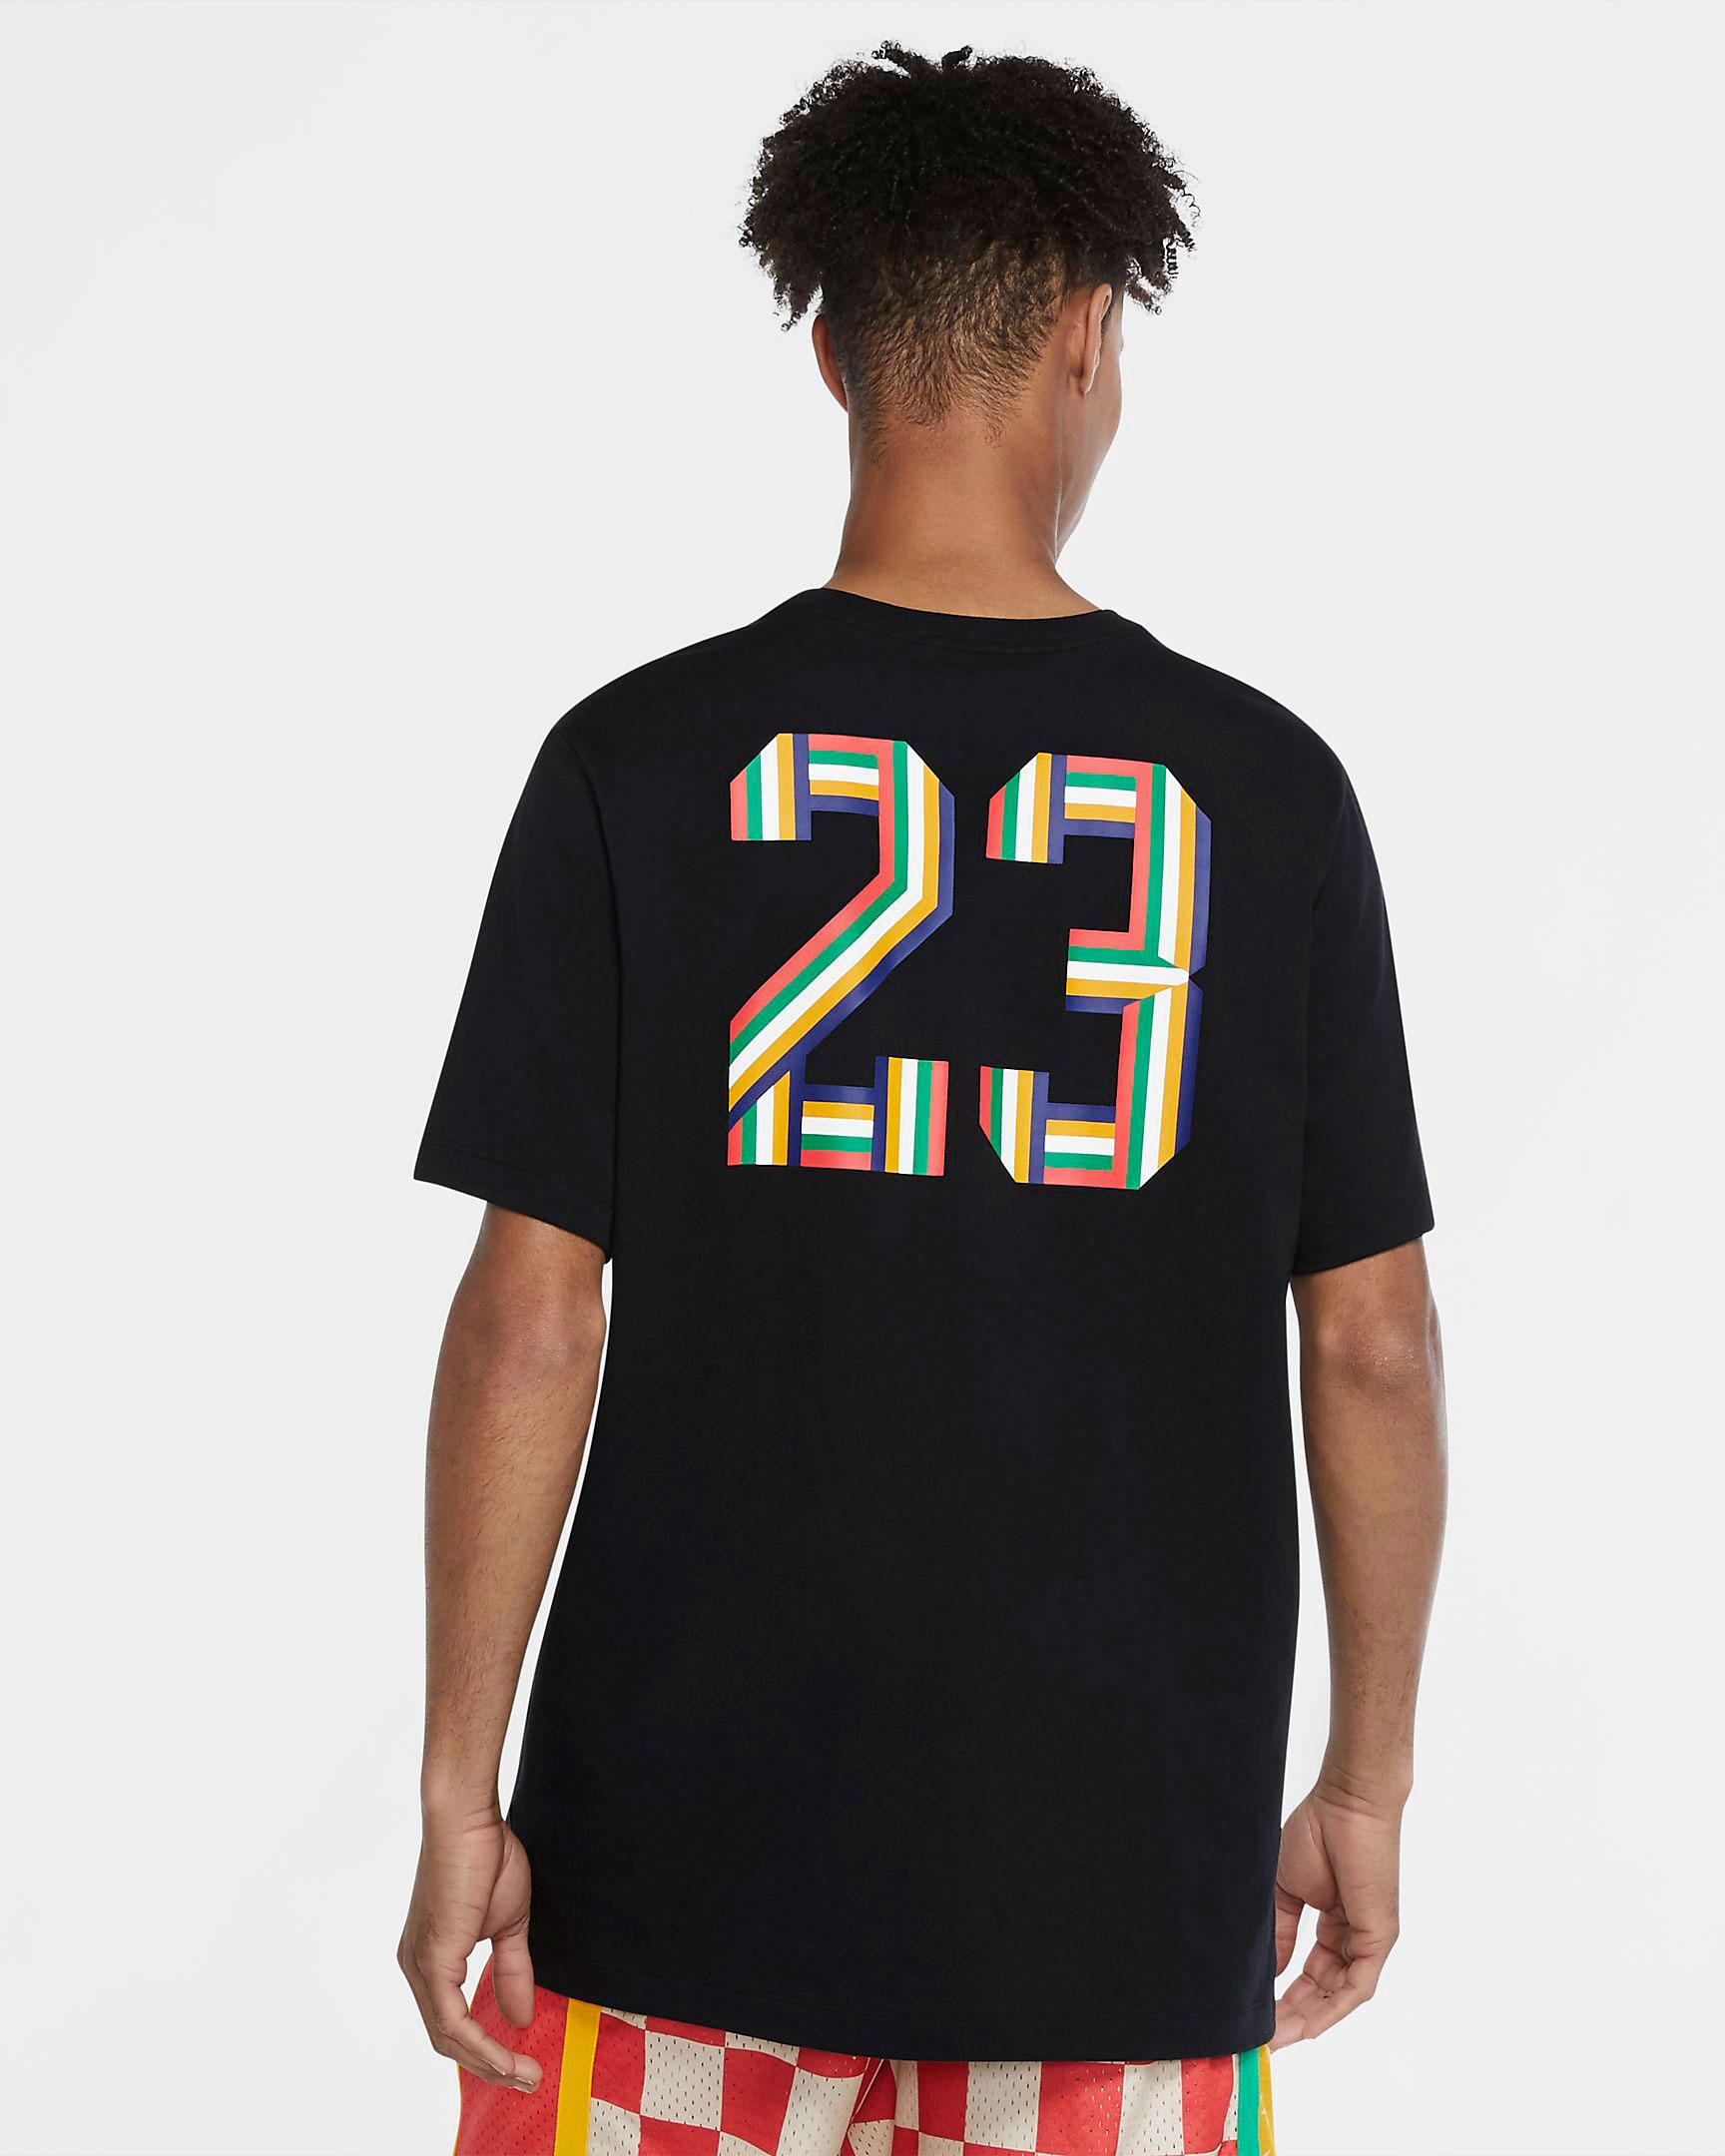 air-jordan-5-what-the-shirt-black-multi-color-2